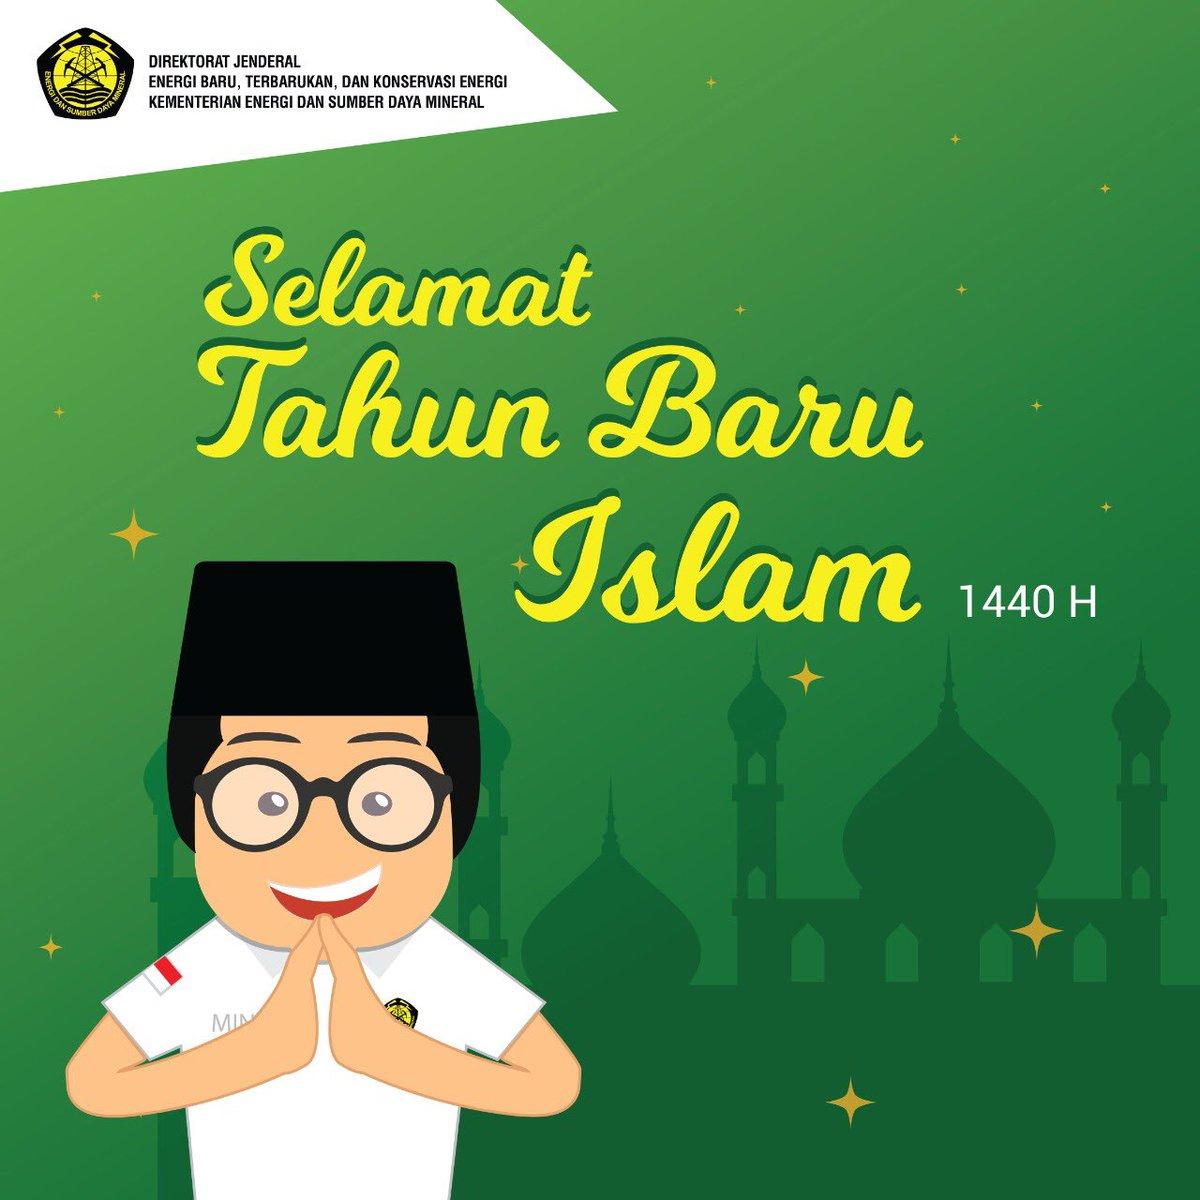 Ditjen Ebtke A Twitter Selamat Tahun Baru Islam 1440 Hijriah Sobat Energi Muharram